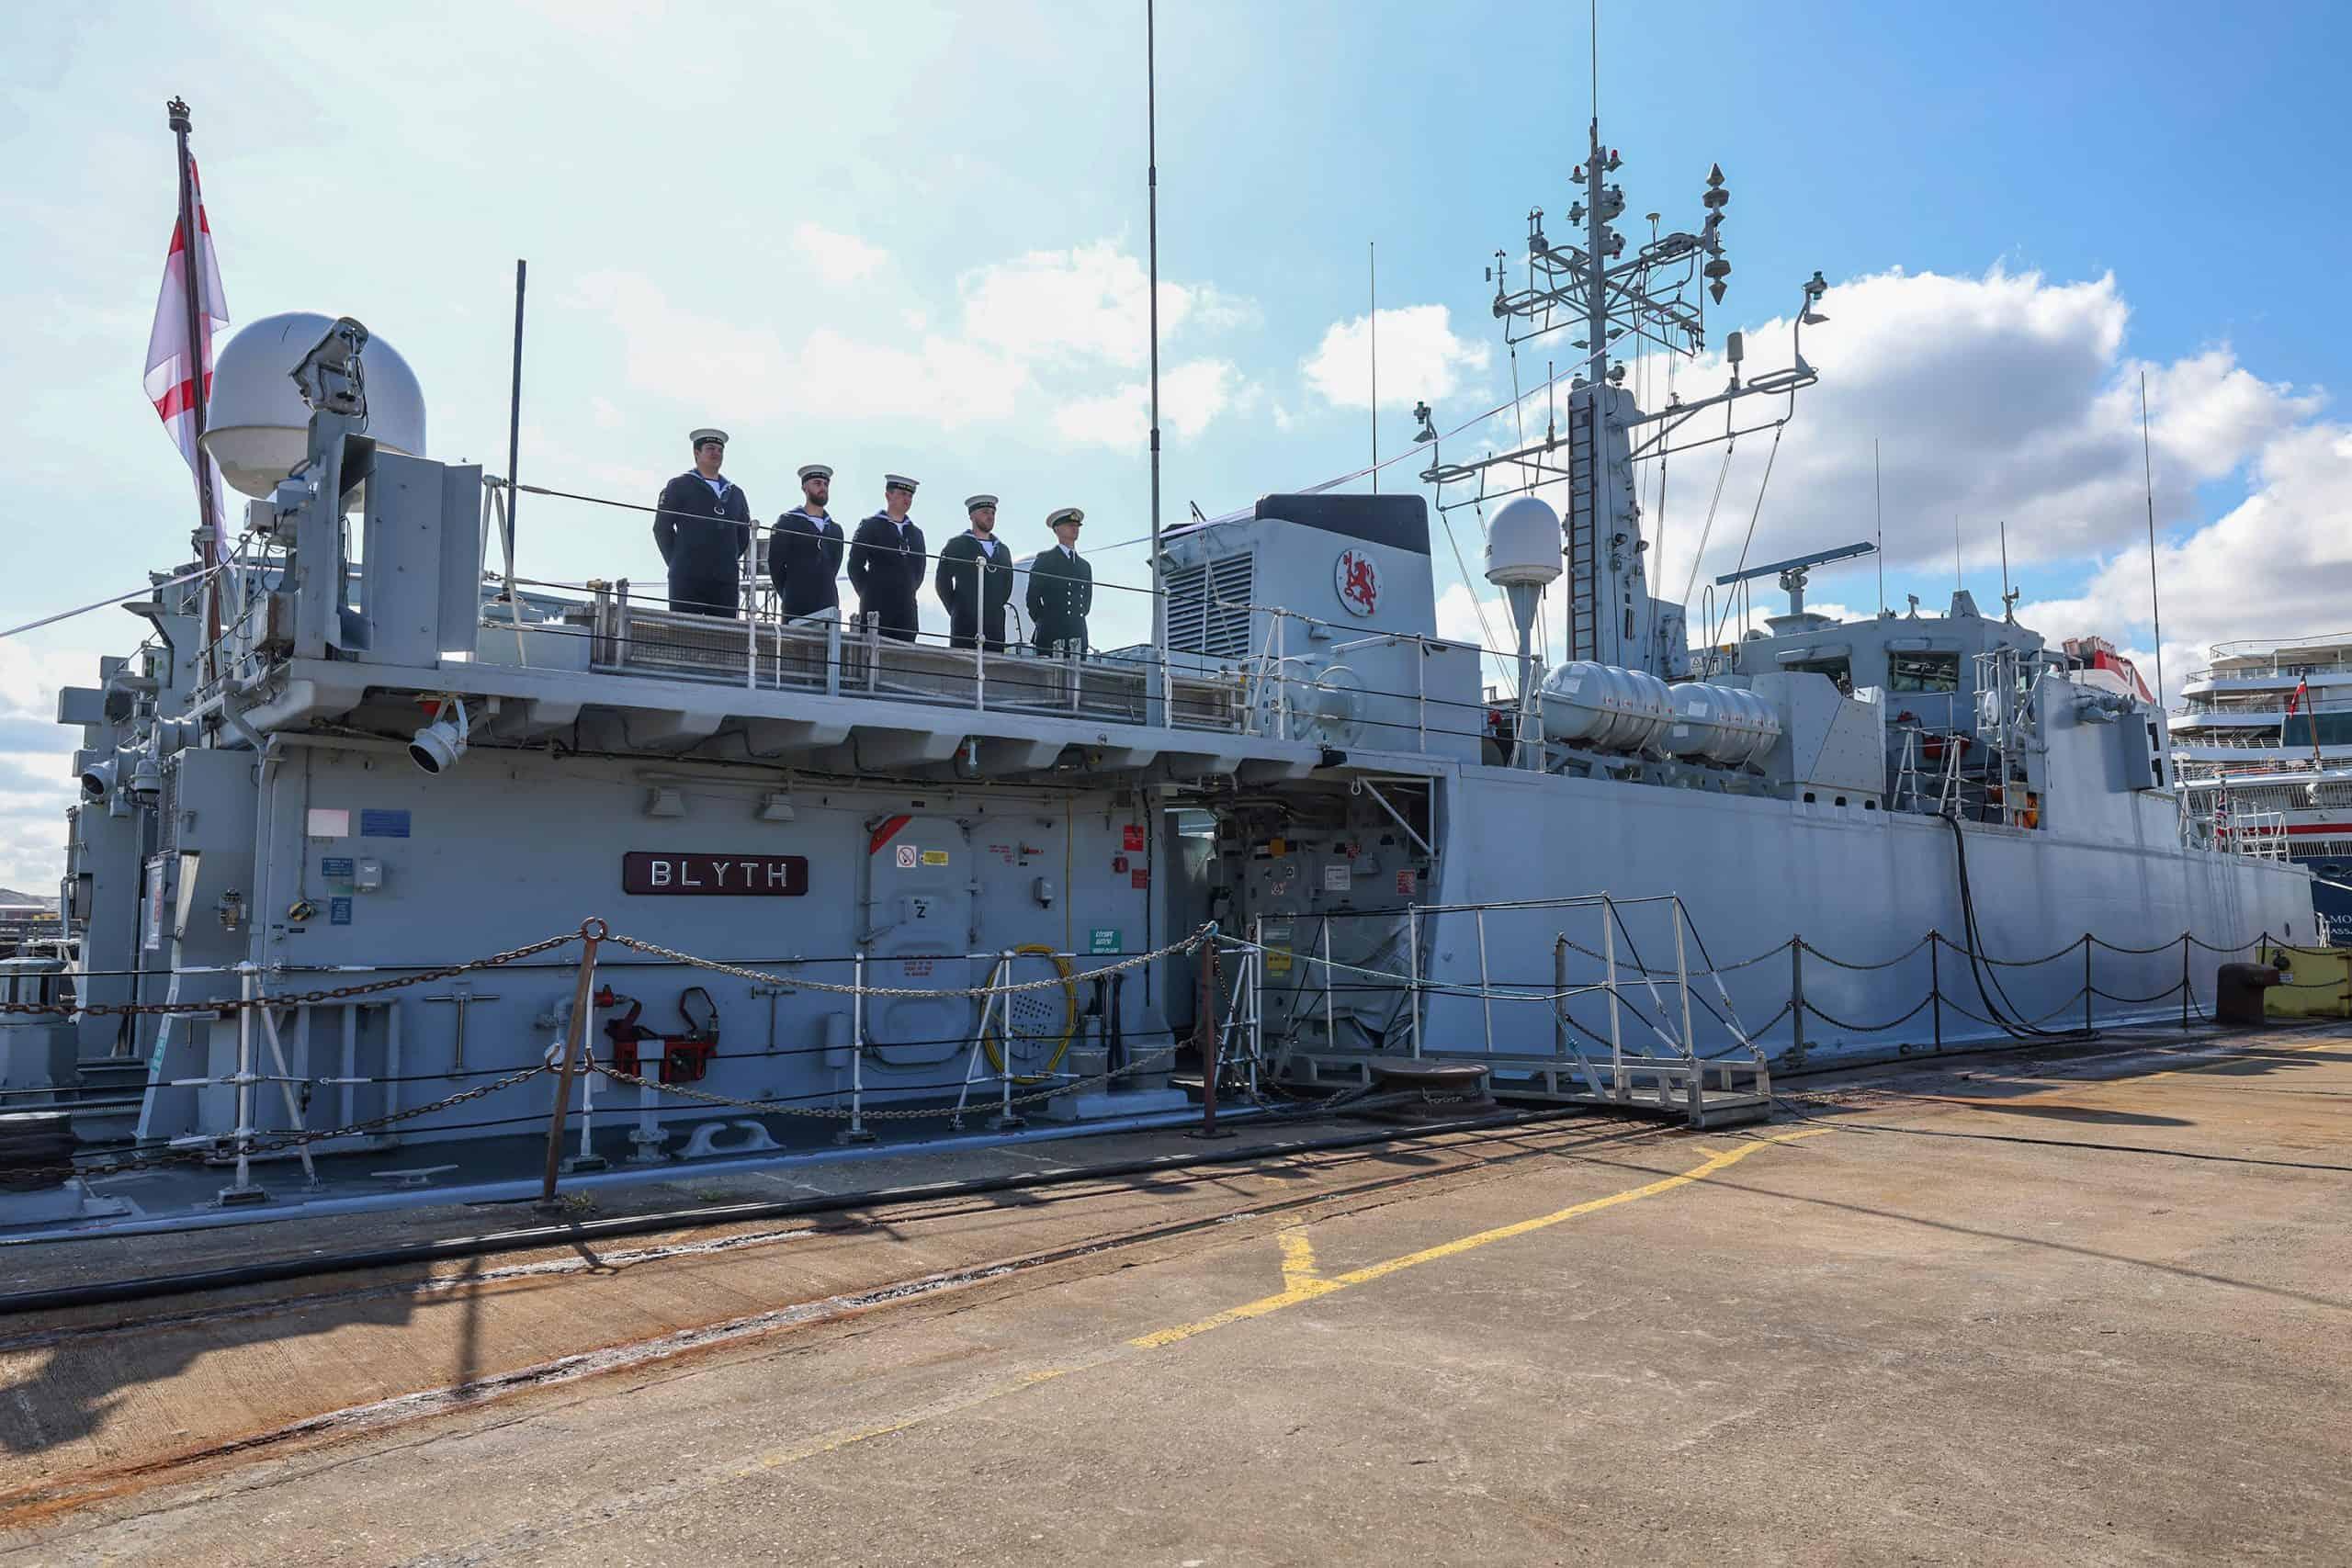 Урочиста церемонія виведення зі складу Королівського флоту тральщика HMS Blyth